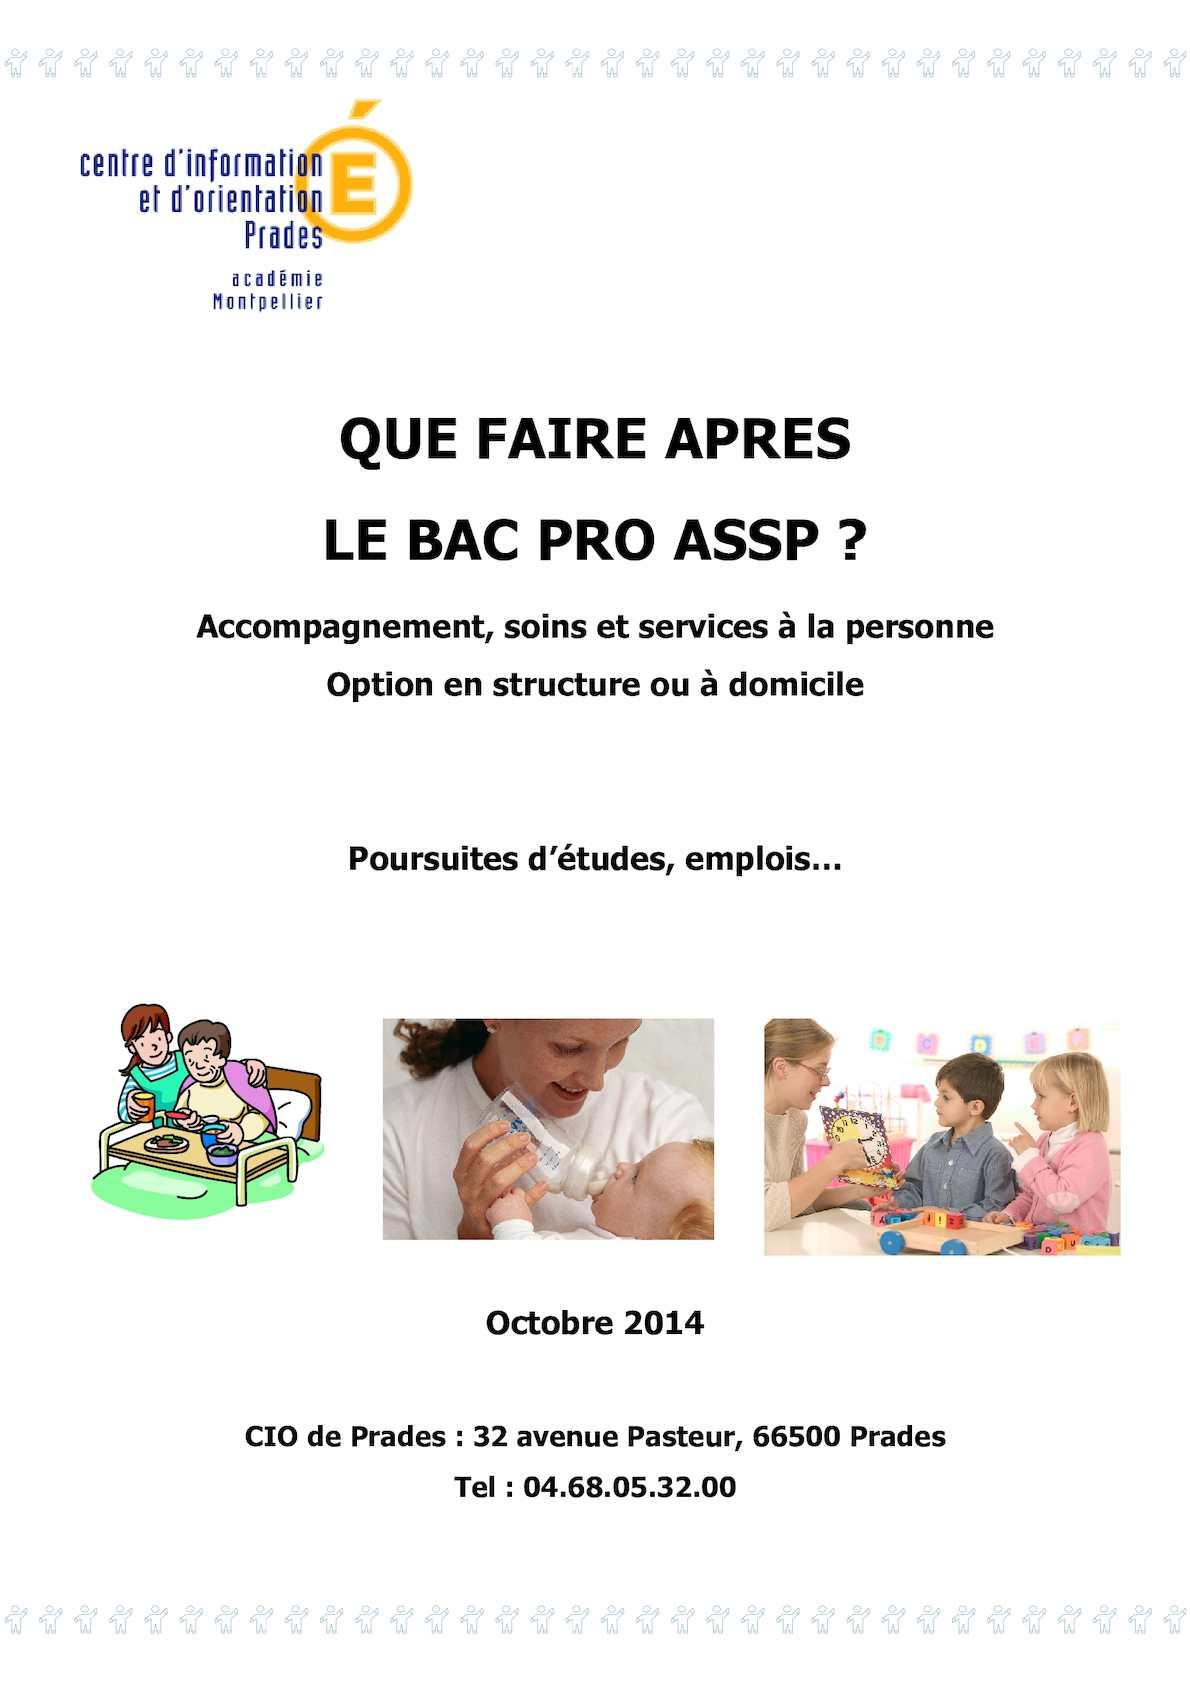 Calaméo Apres Bac Pro Assp Maj Oct 2014 1